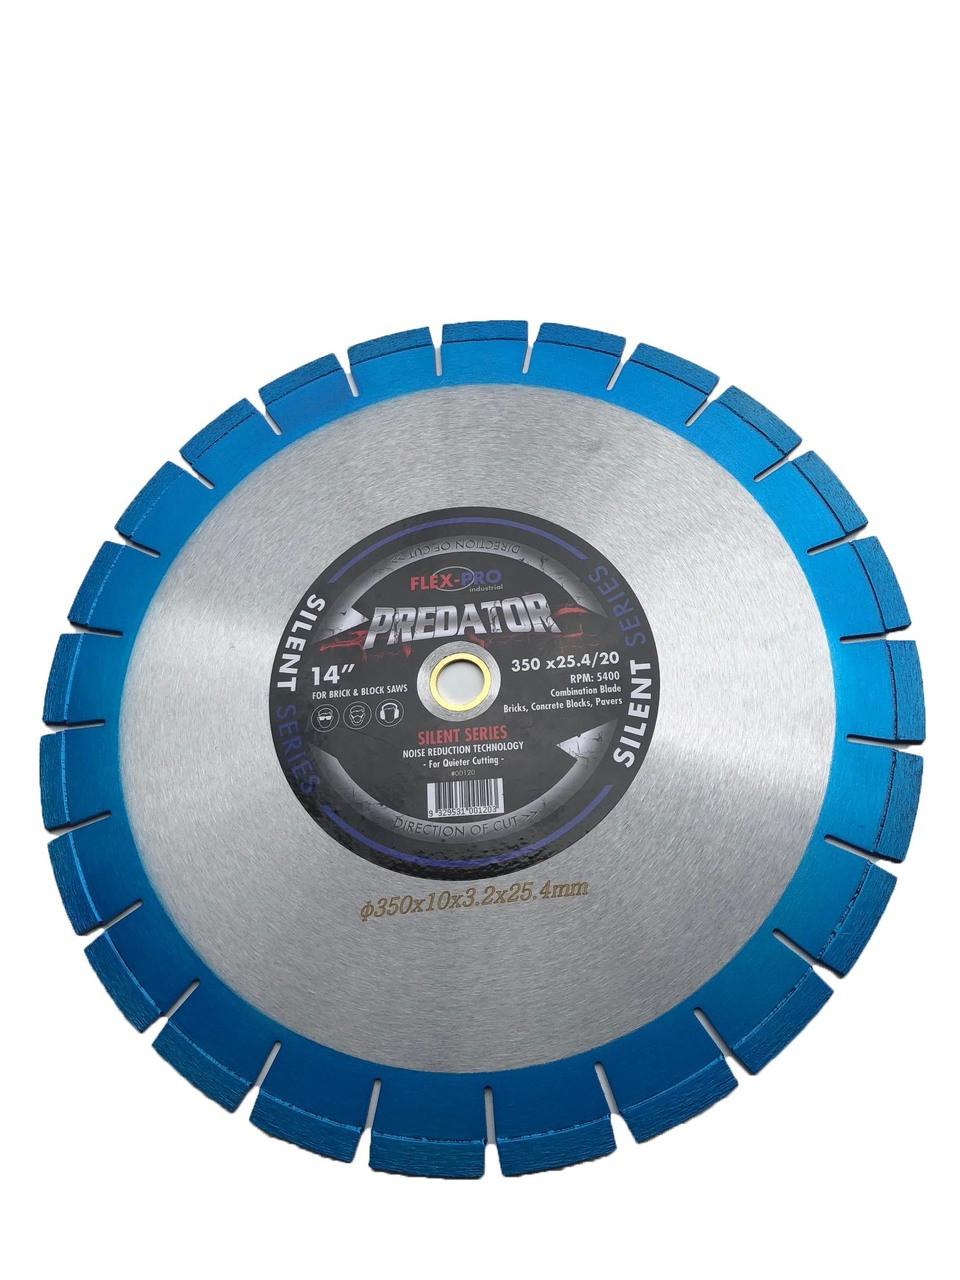 Diamond saw blade 14